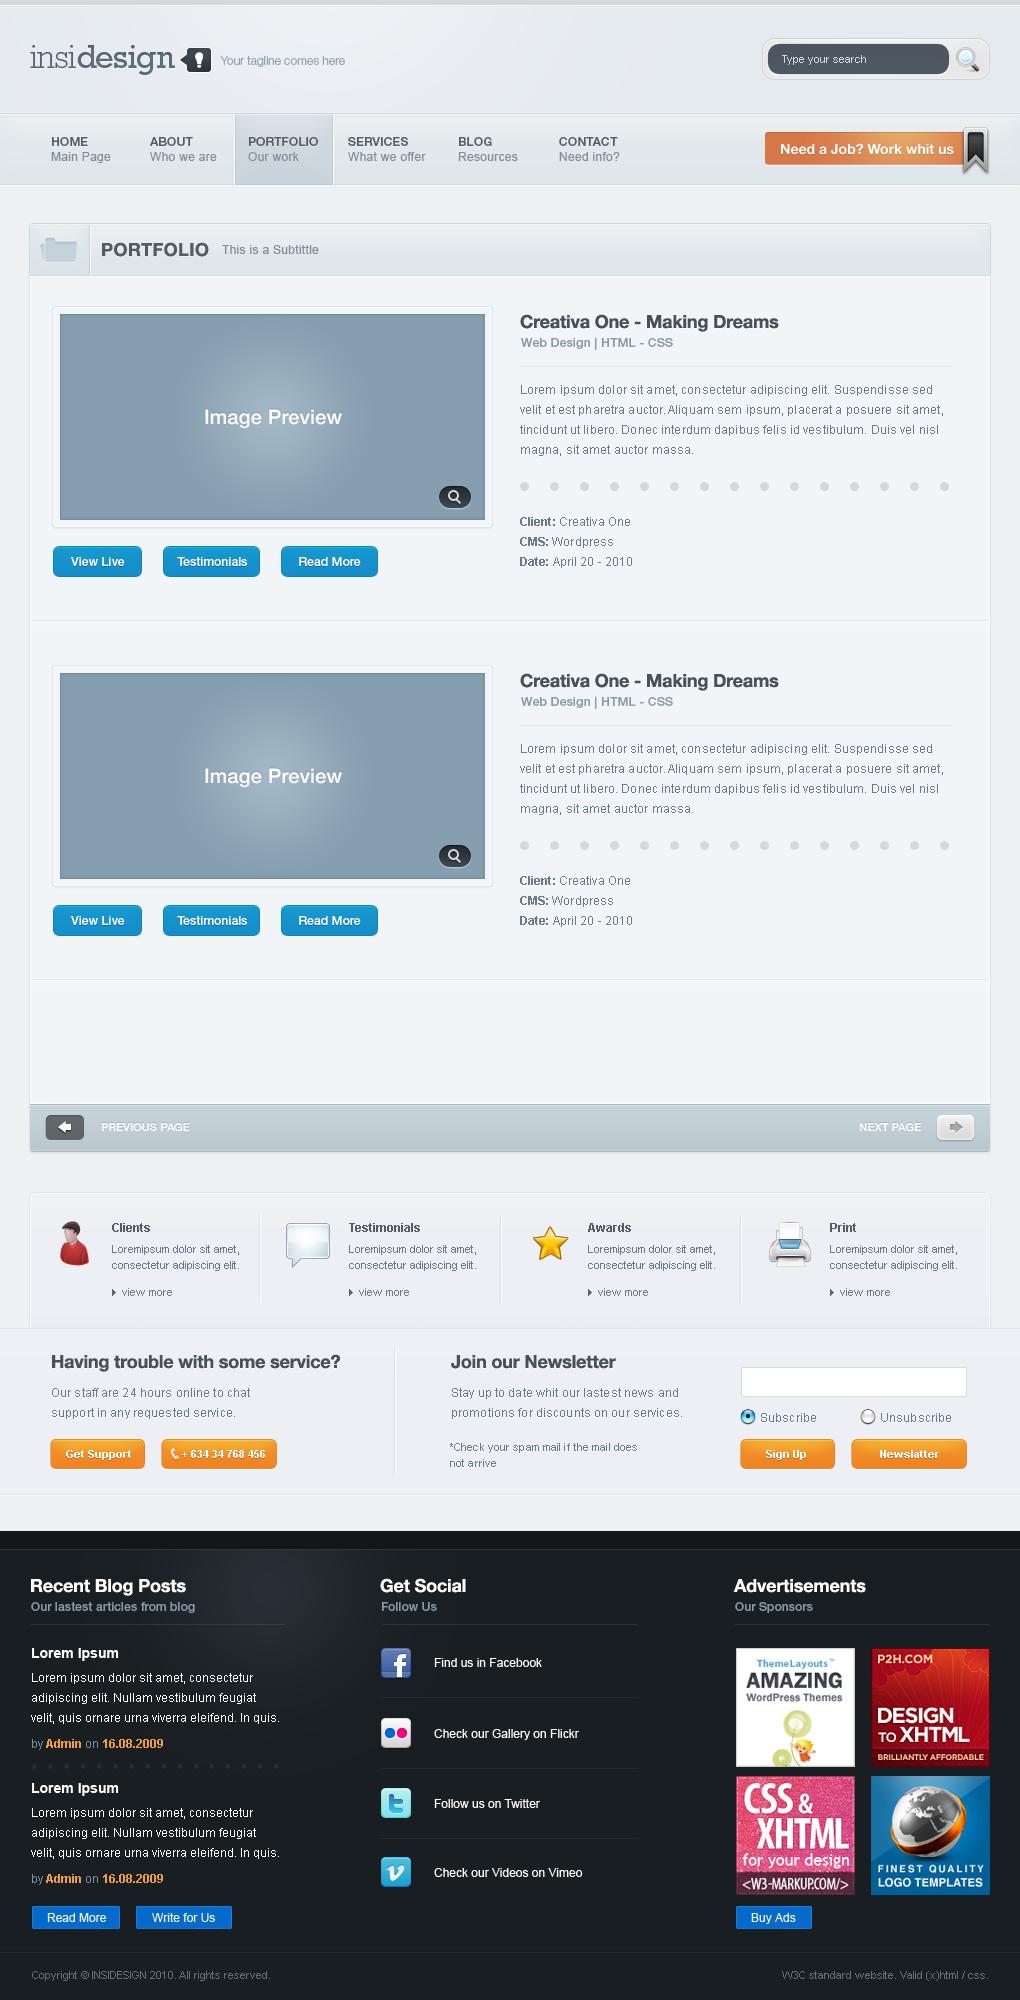 Insidesign - Company, Portfolio, Blog - Template